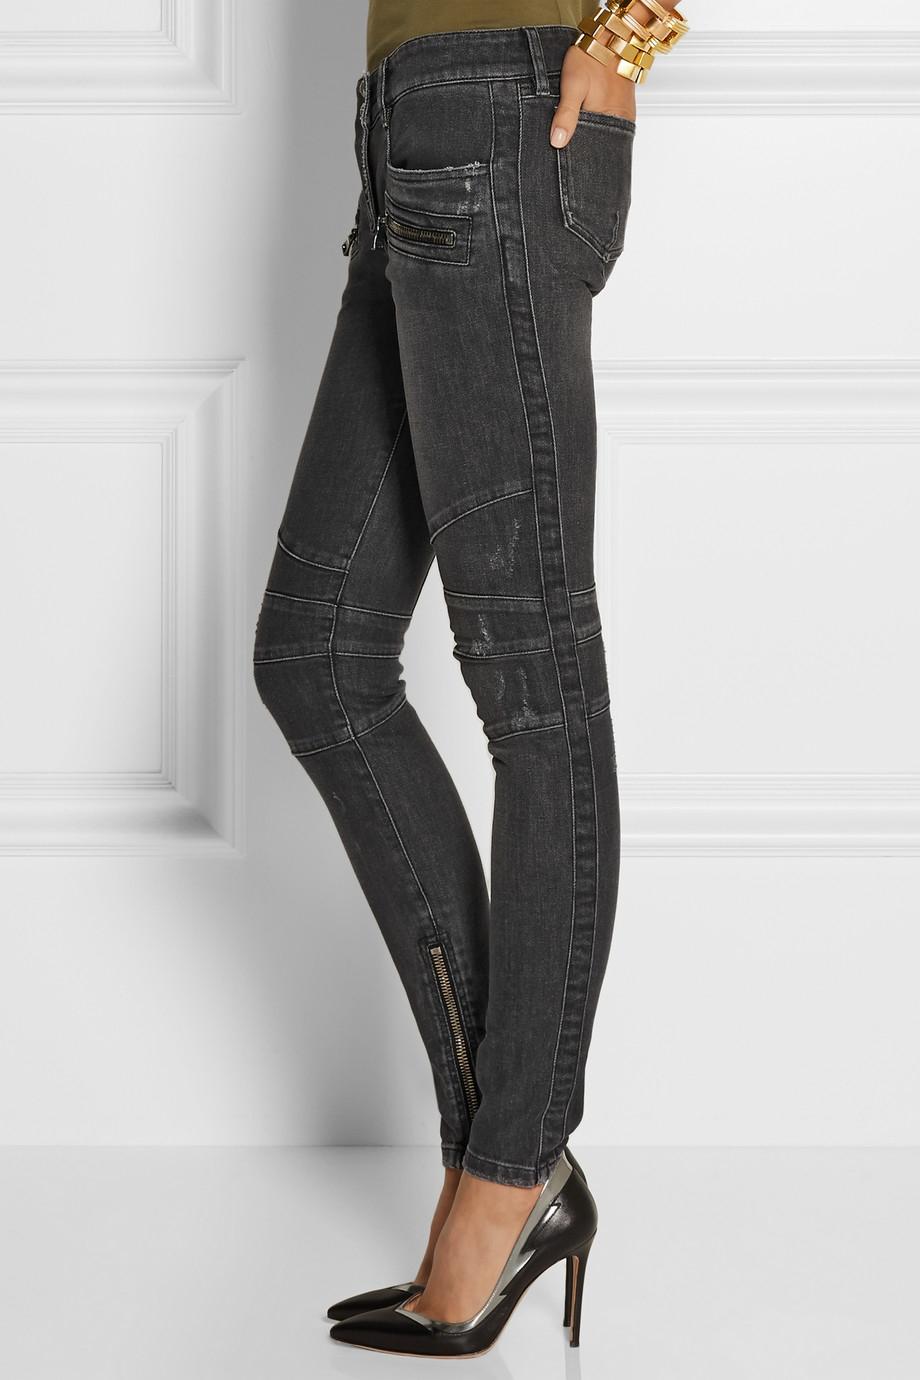 Balmain Denim Mid-Rise Skinny Jeans in Grey